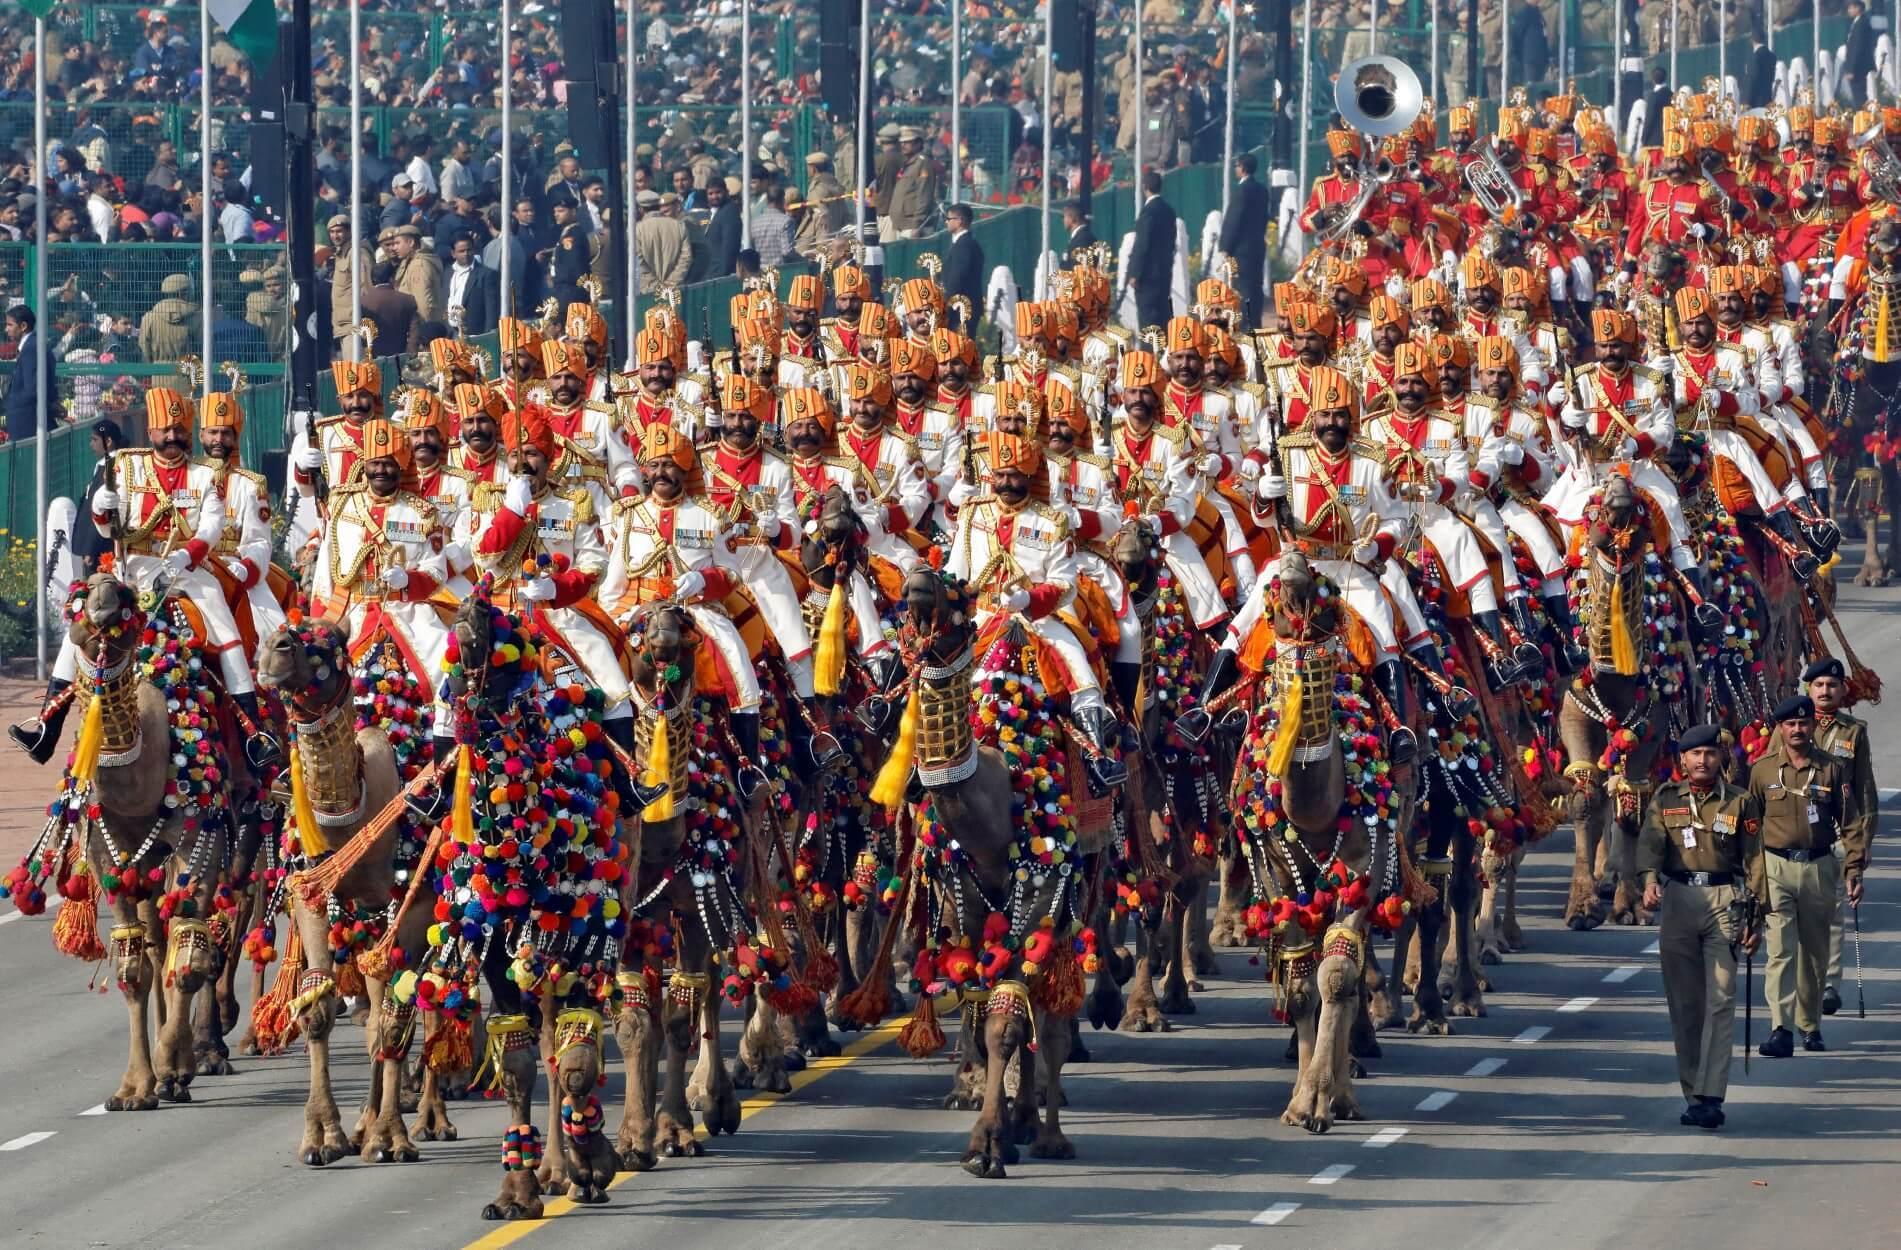 Ινδία: Άρματα μάχης, μηχανάκια και καμήλες στη μεγάλη στρατιωτική παρέλαση